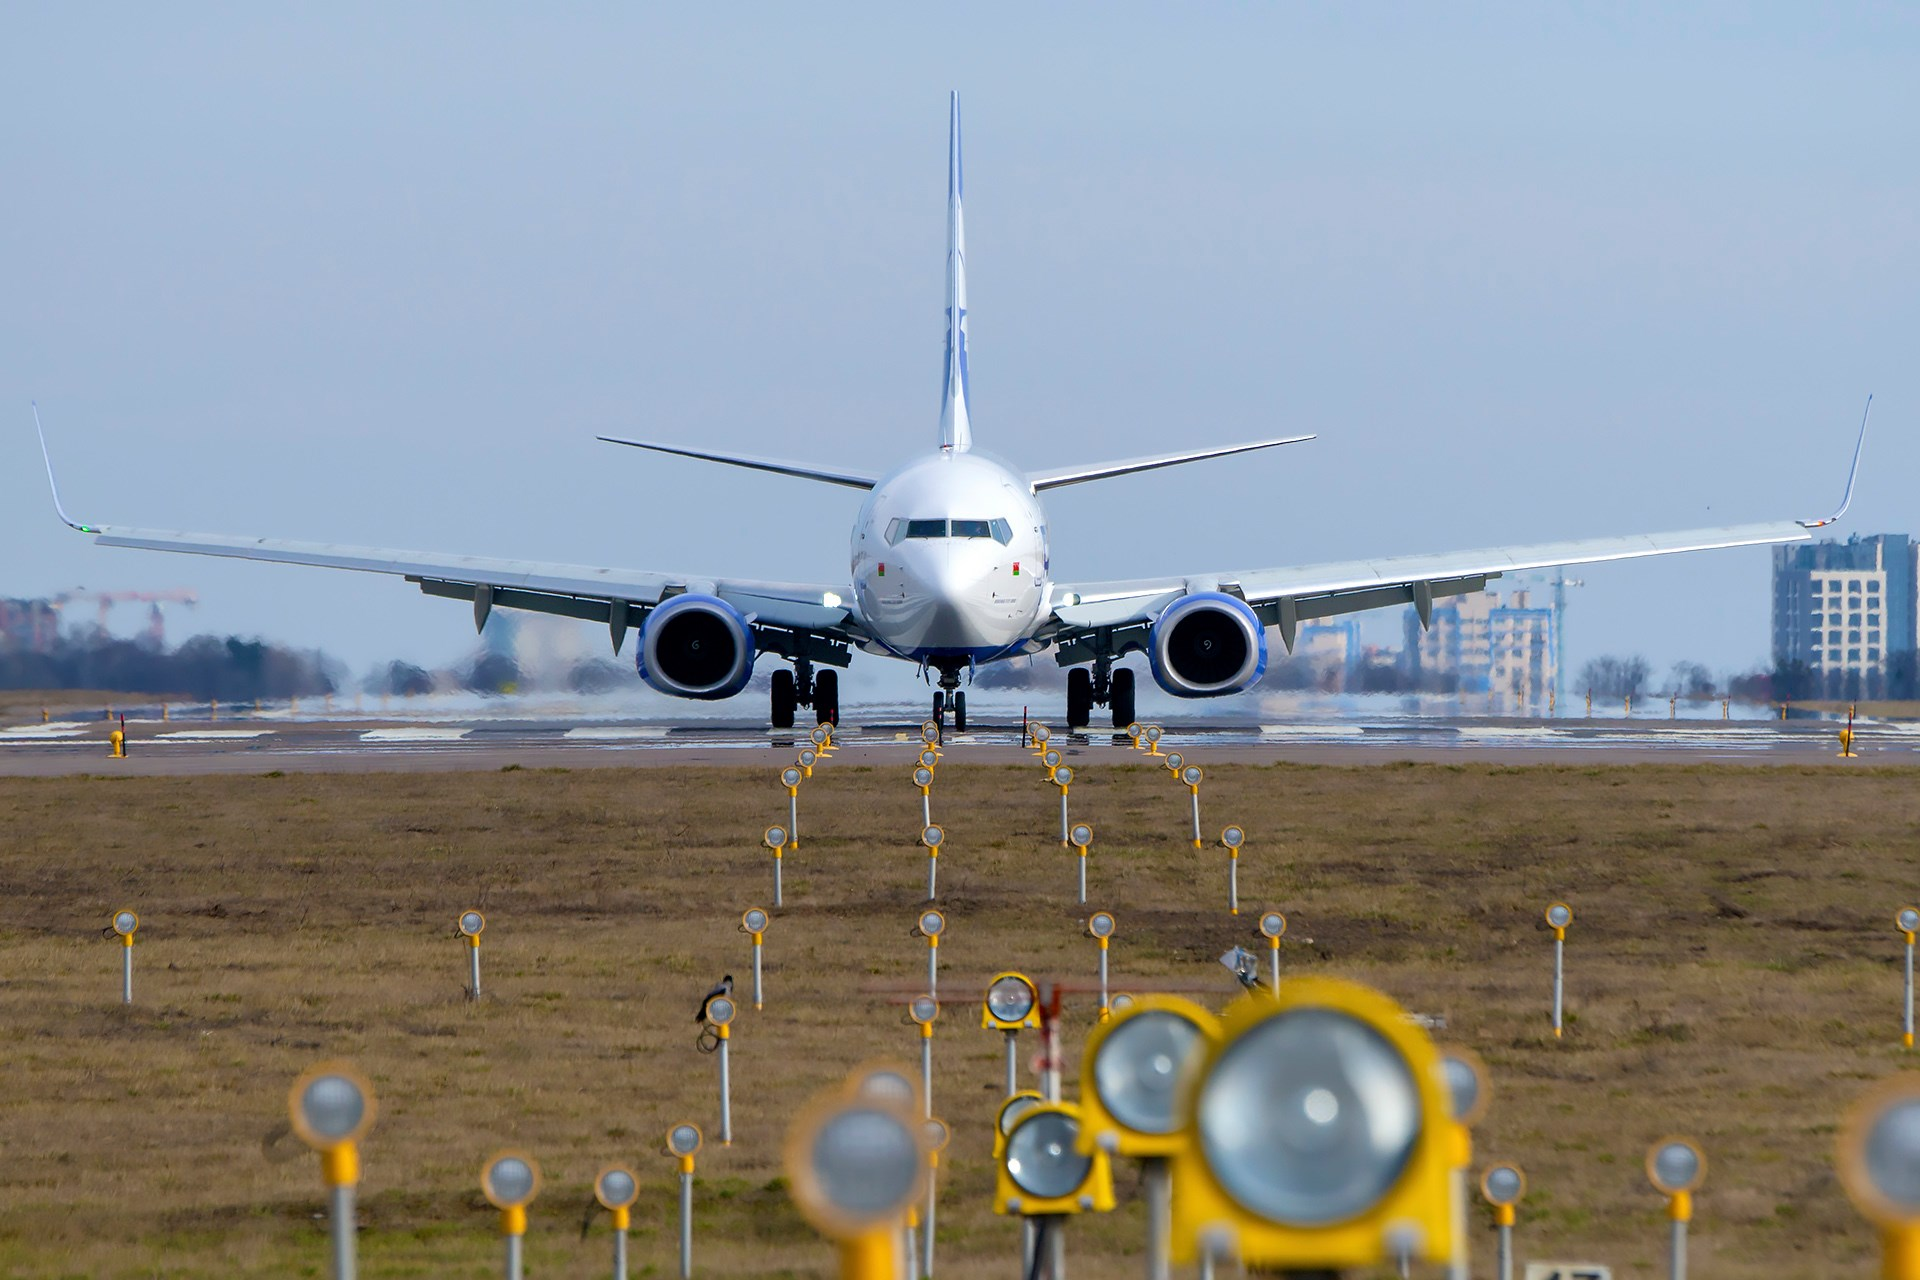 """До 2025 року аеропорт «Київ» реконструюють - реконструкція, пасажири, аеропорт """"Київ"""", аеропорт """"Жуляни"""" - 86651973 1565601326911830 6363031058757189632 o"""